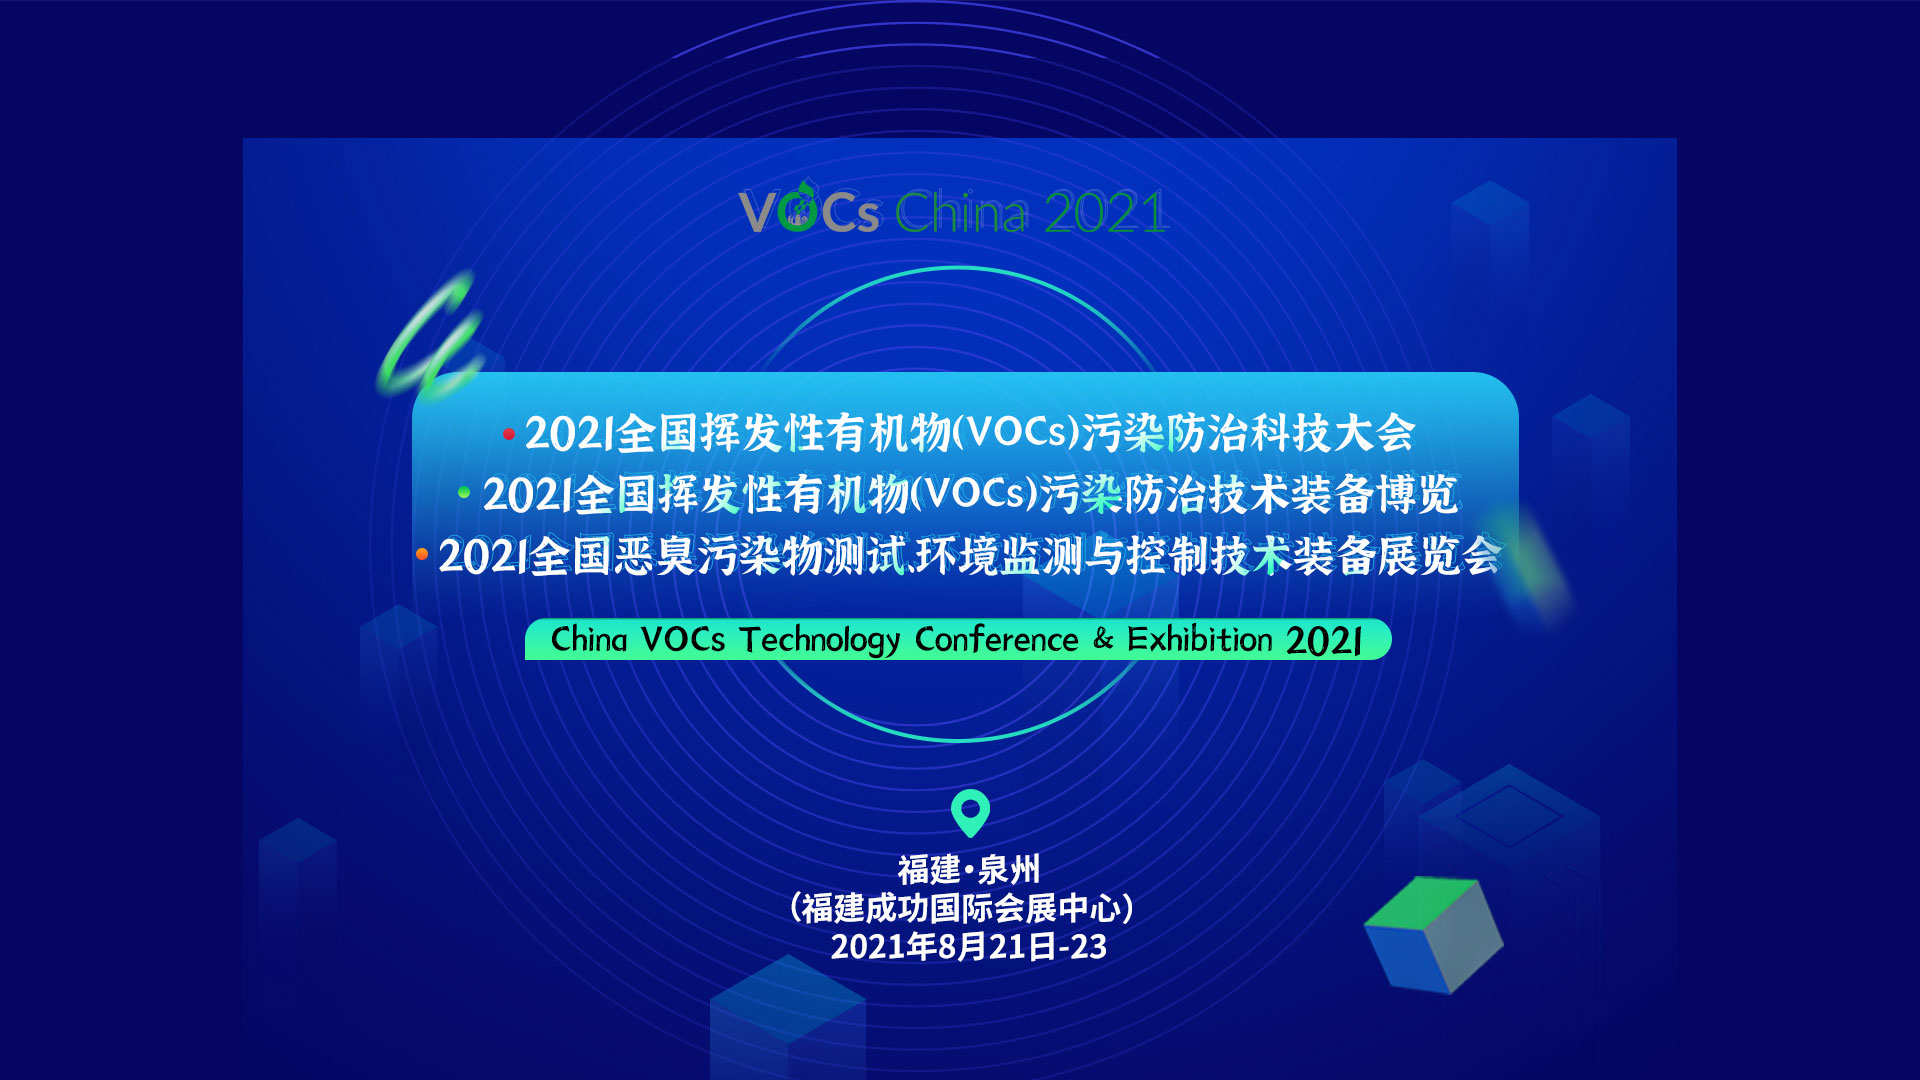 2021全国挥发性有机物(VOCs)污染防治科技大会